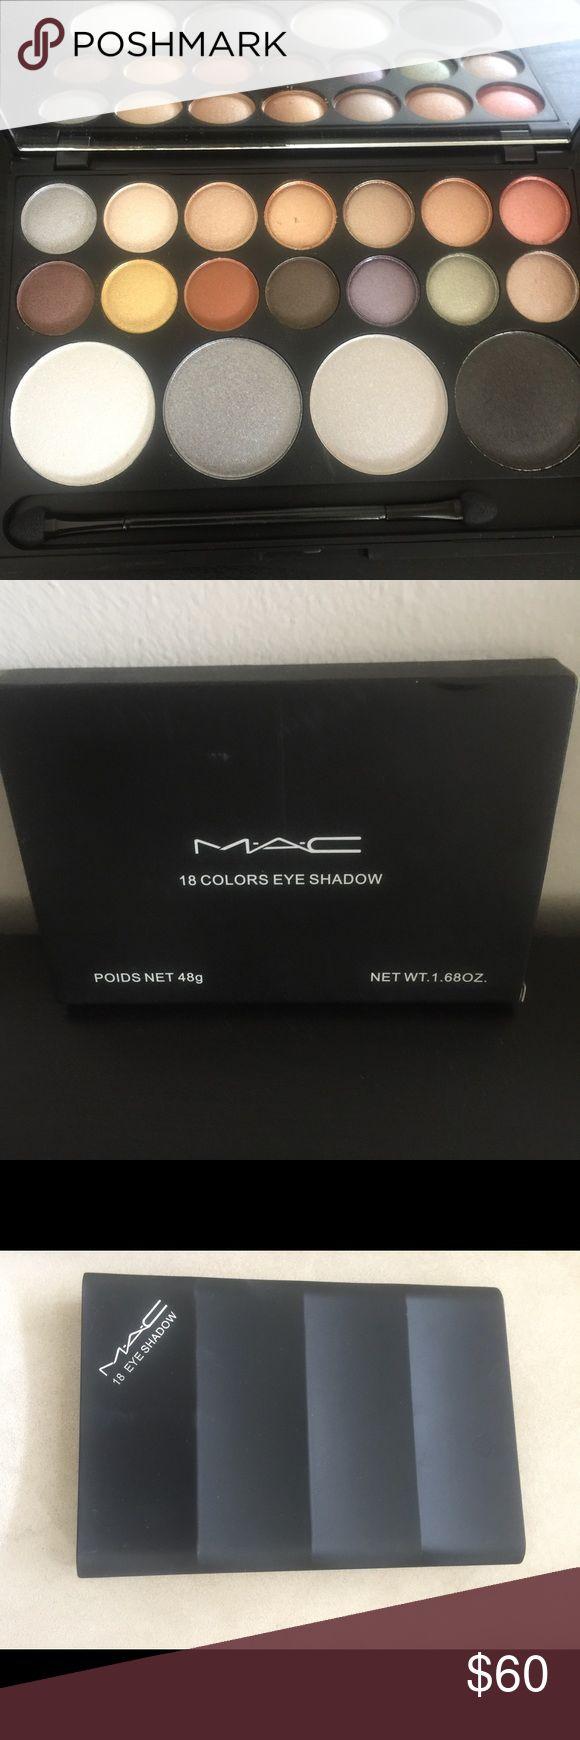 MAC eyeshadow make up palette 18 colors eye shadow 18 colors eye shadow palette MAC MAC Cosmetics Makeup Eyeshadow